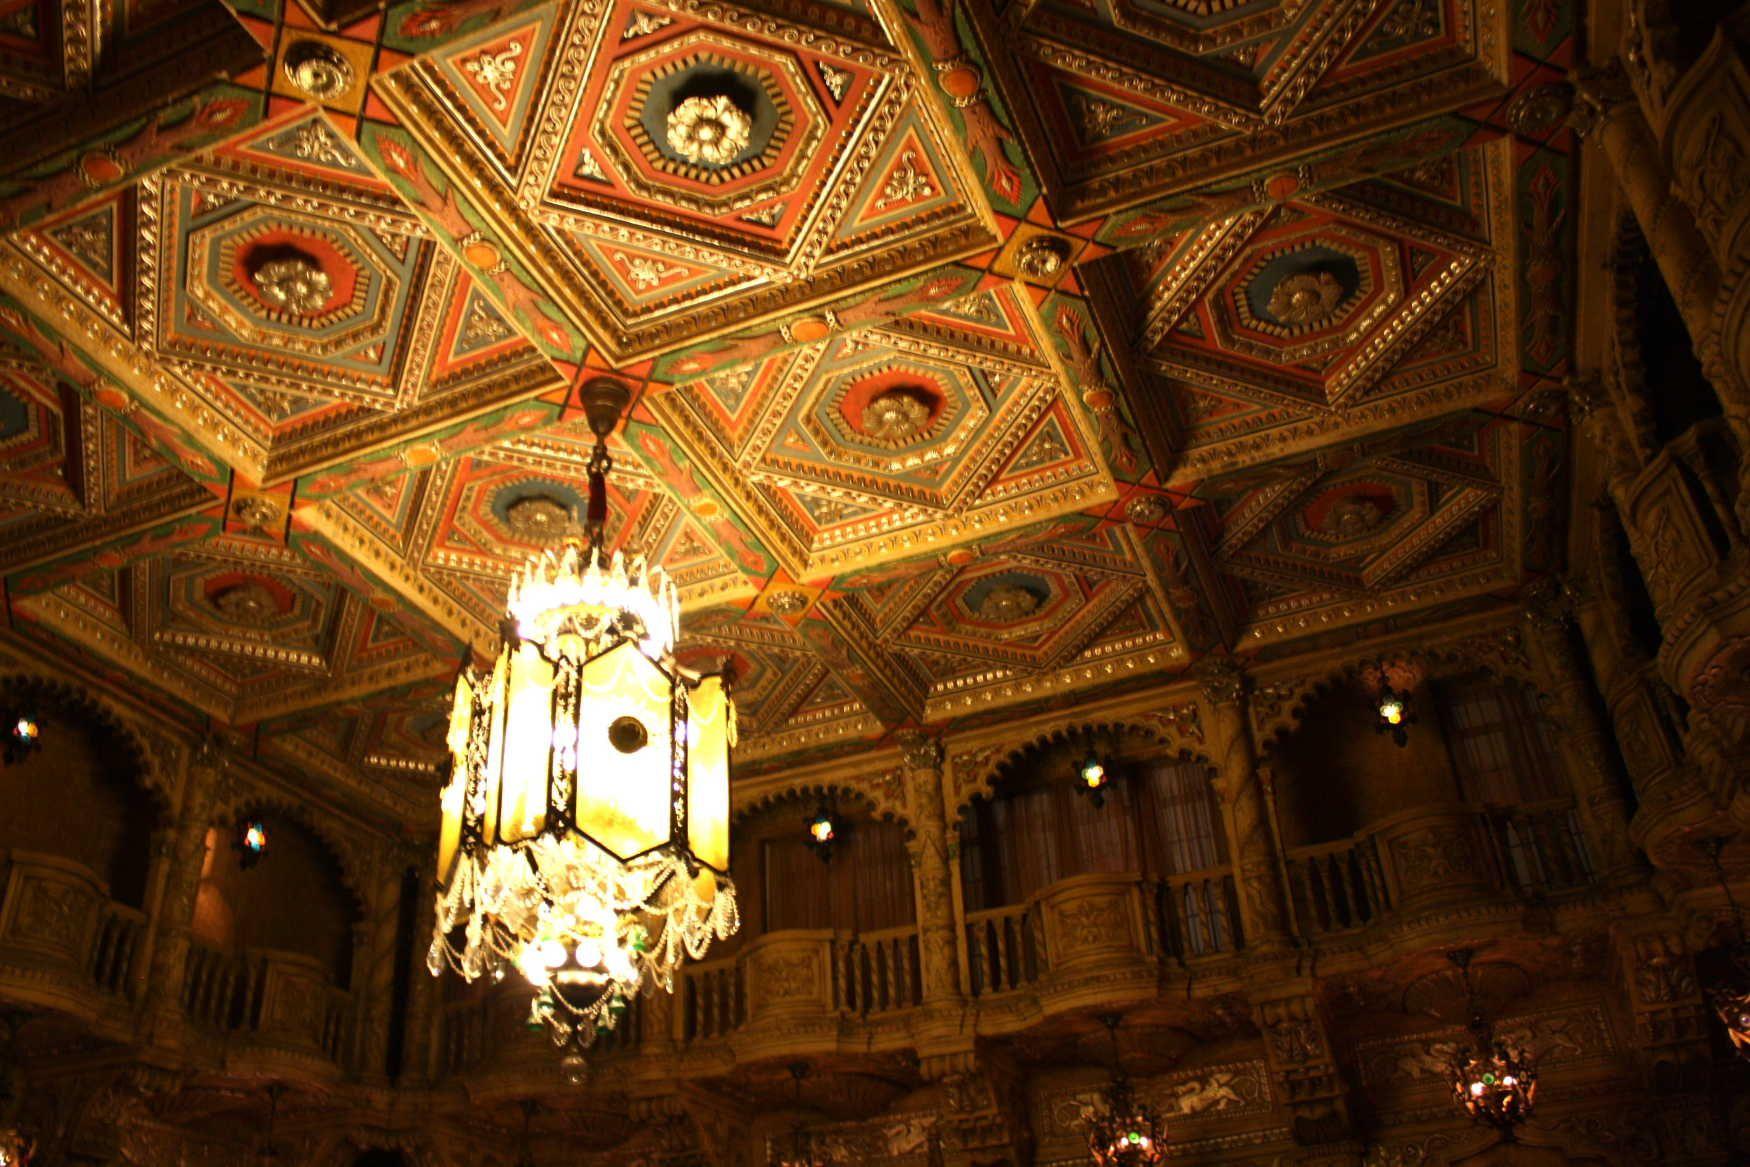 Coronado theatre rockford illinois google search